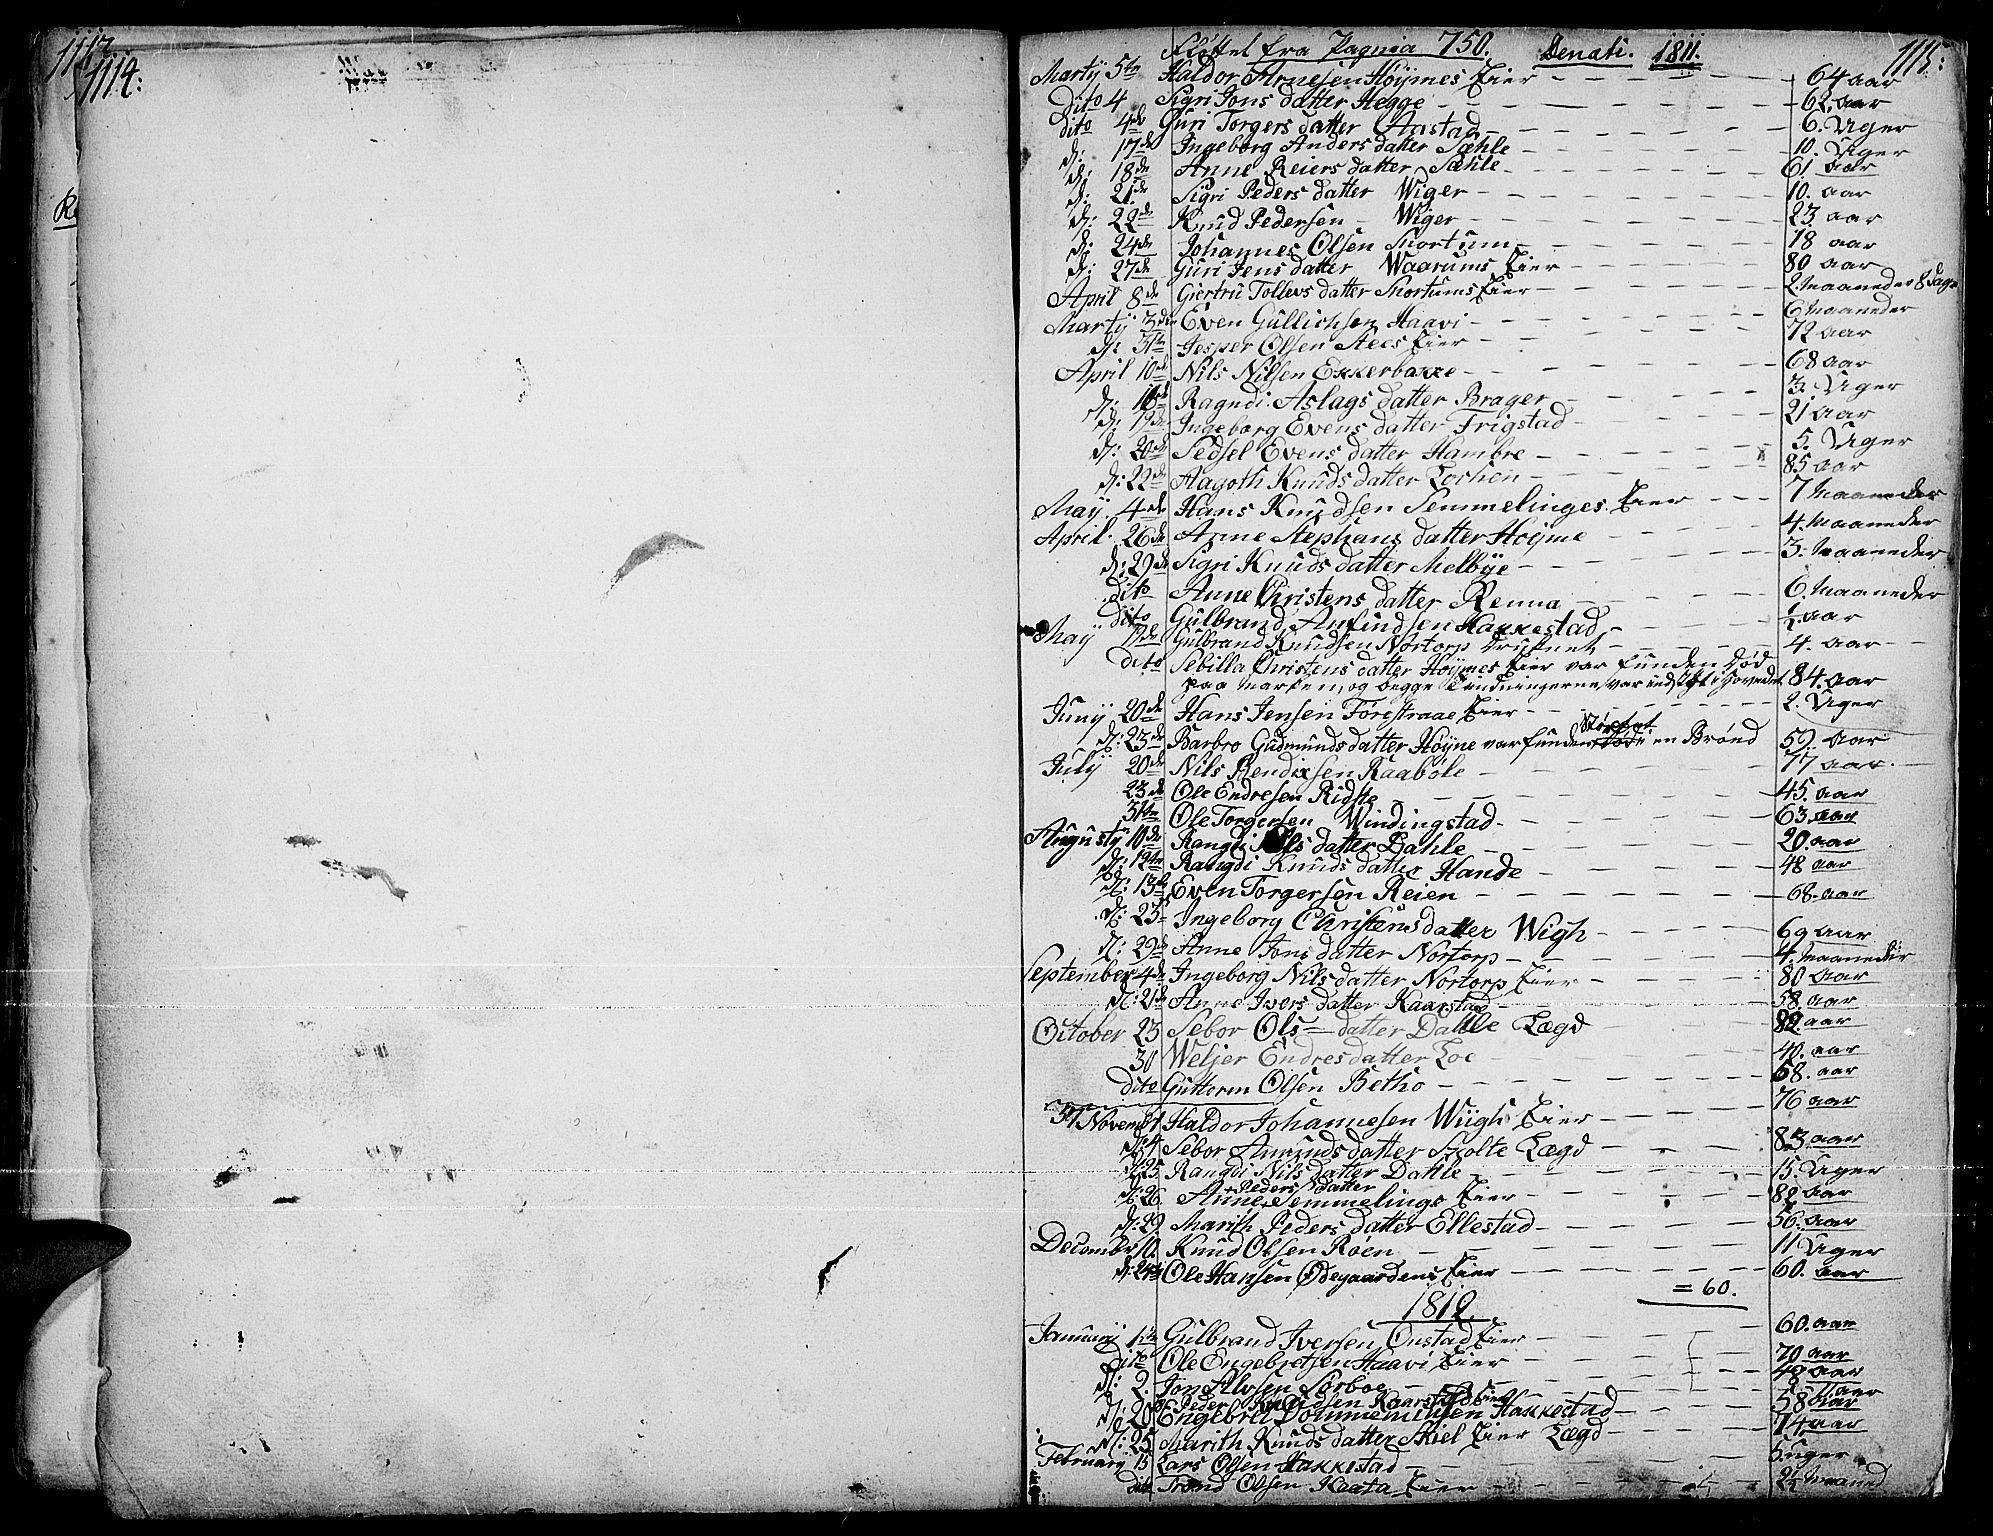 SAH, Slidre prestekontor, Ministerialbok nr. 1, 1724-1814, s. 1114-1115